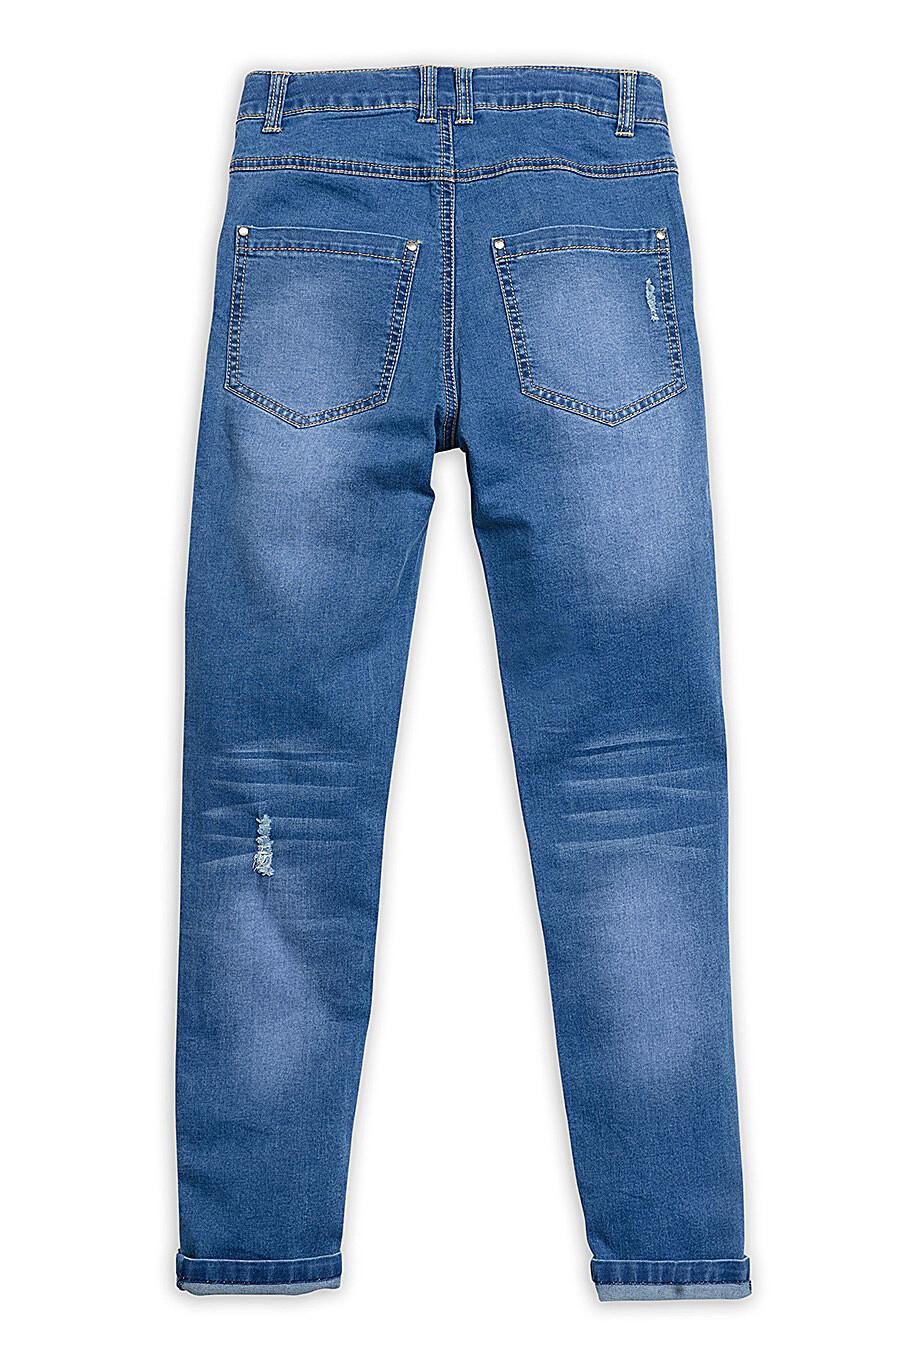 Джинсы для мальчиков PELICAN 90675 купить оптом от производителя. Совместная покупка детской одежды в OptMoyo